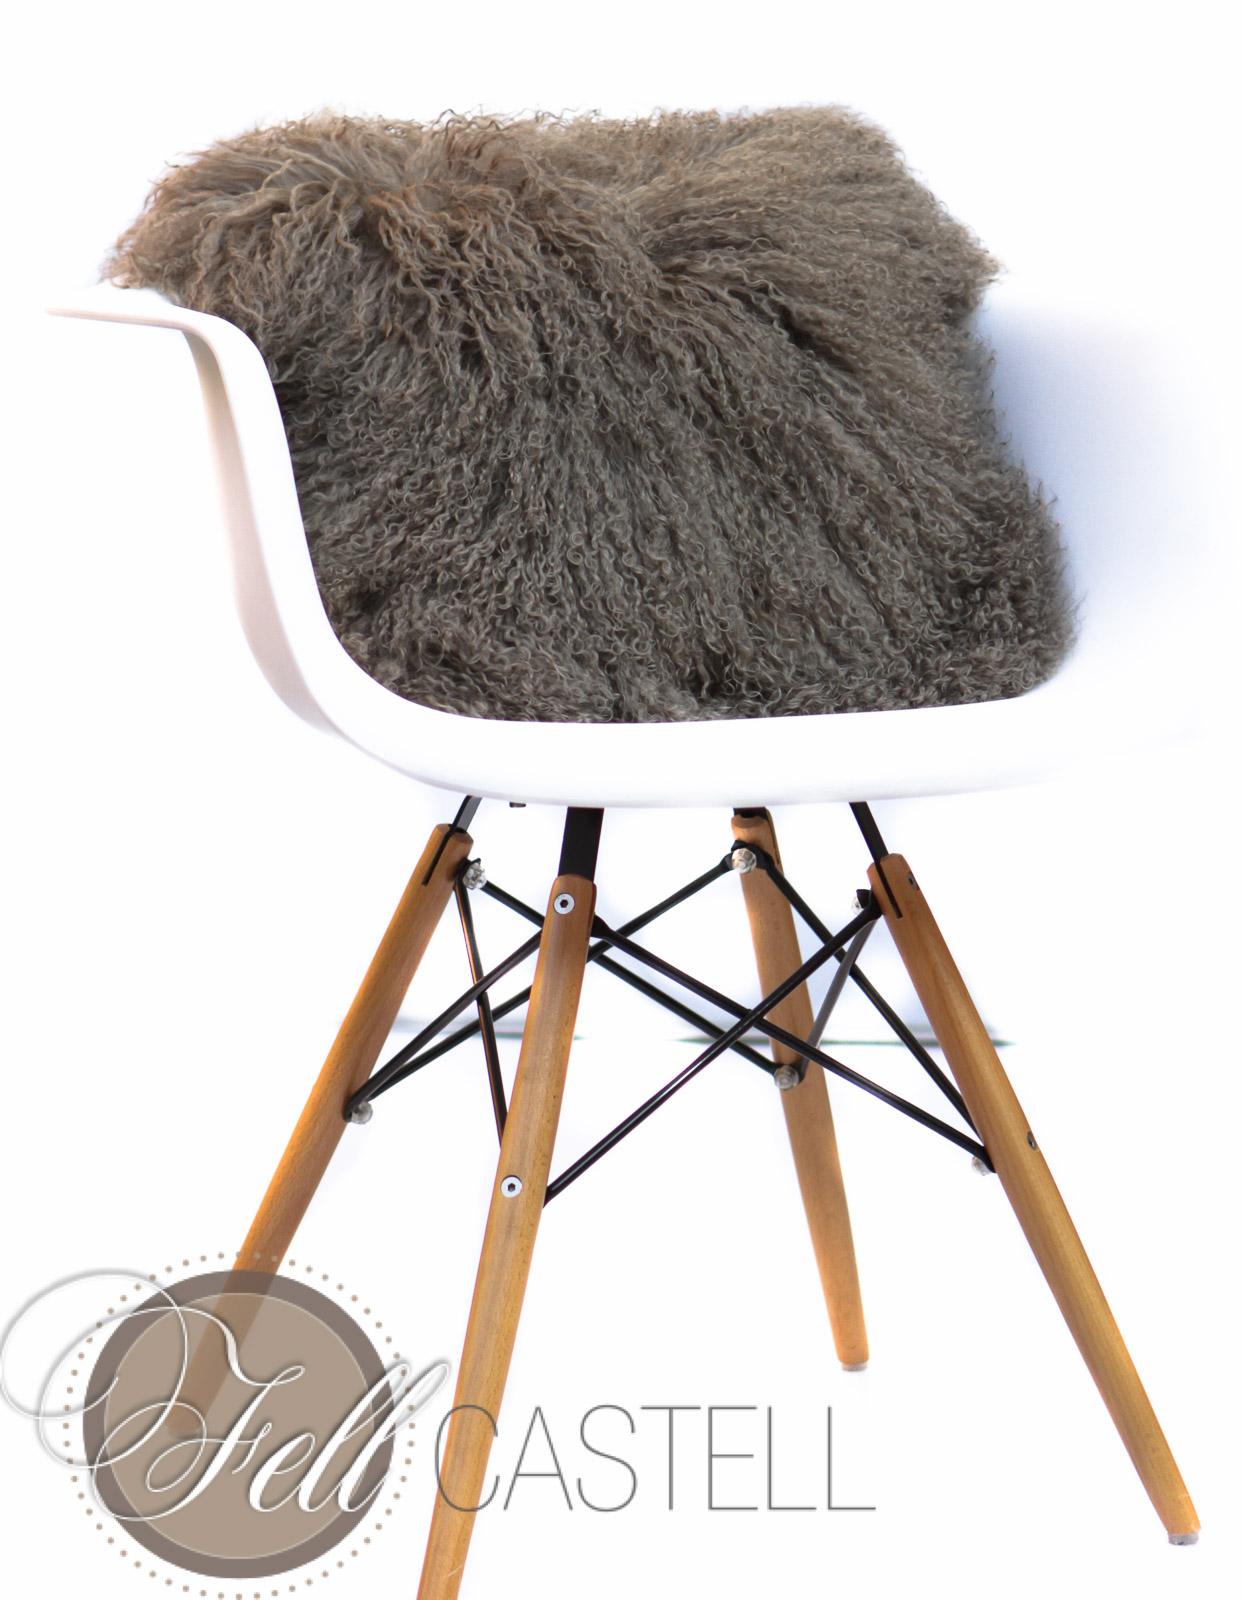 kissenh lle tibet lammfell fallen rock fallen rock 60 x 40 cm fallen rock 60 x 40 cm. Black Bedroom Furniture Sets. Home Design Ideas